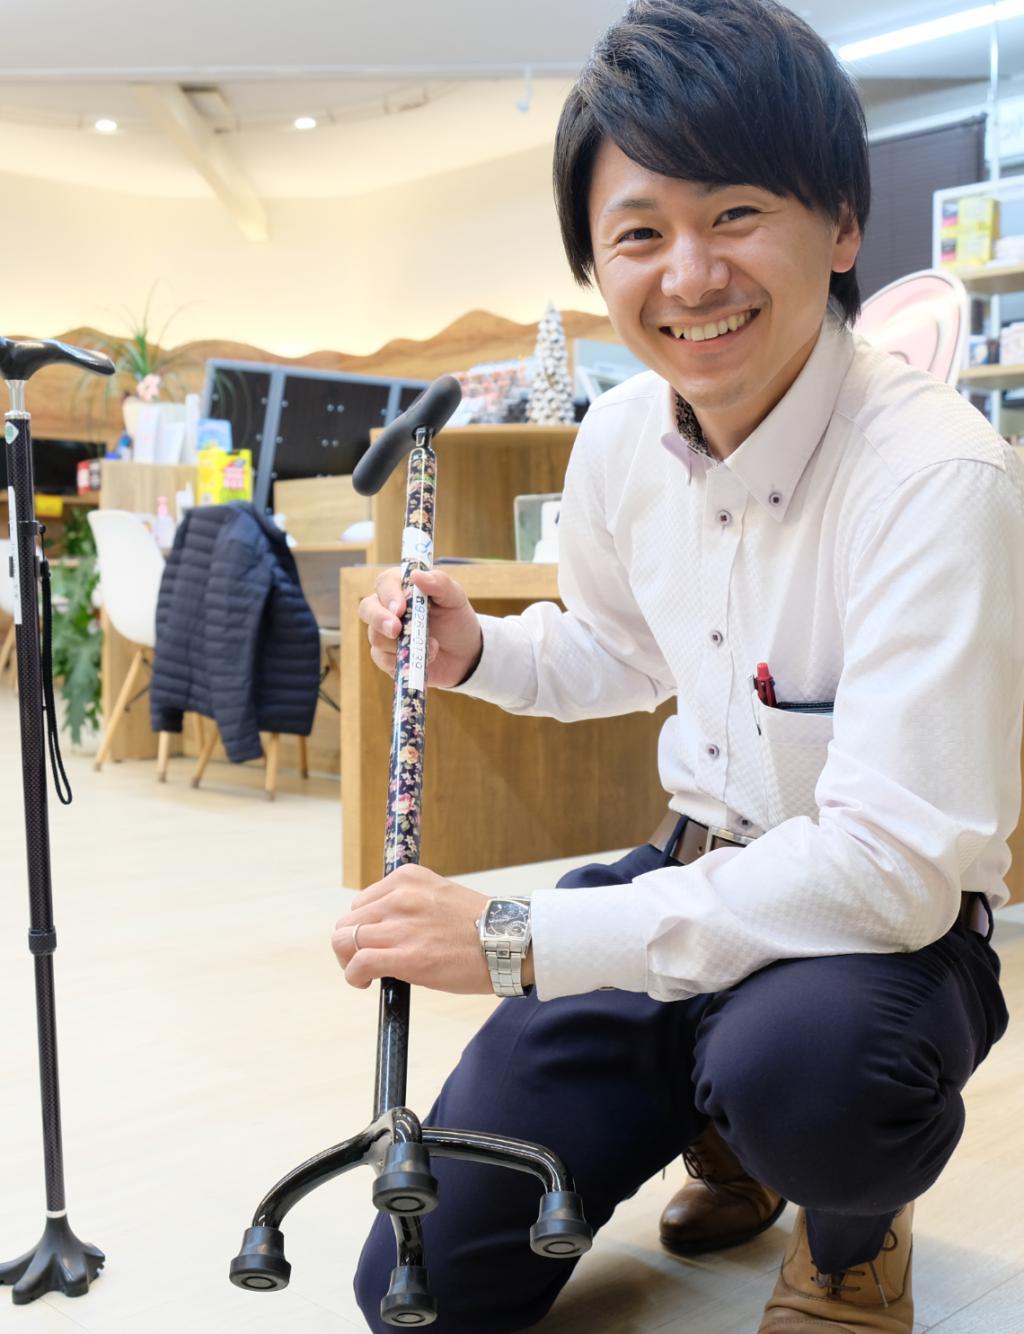 マネージャー/福祉用具専門相談員 山崎 智秀